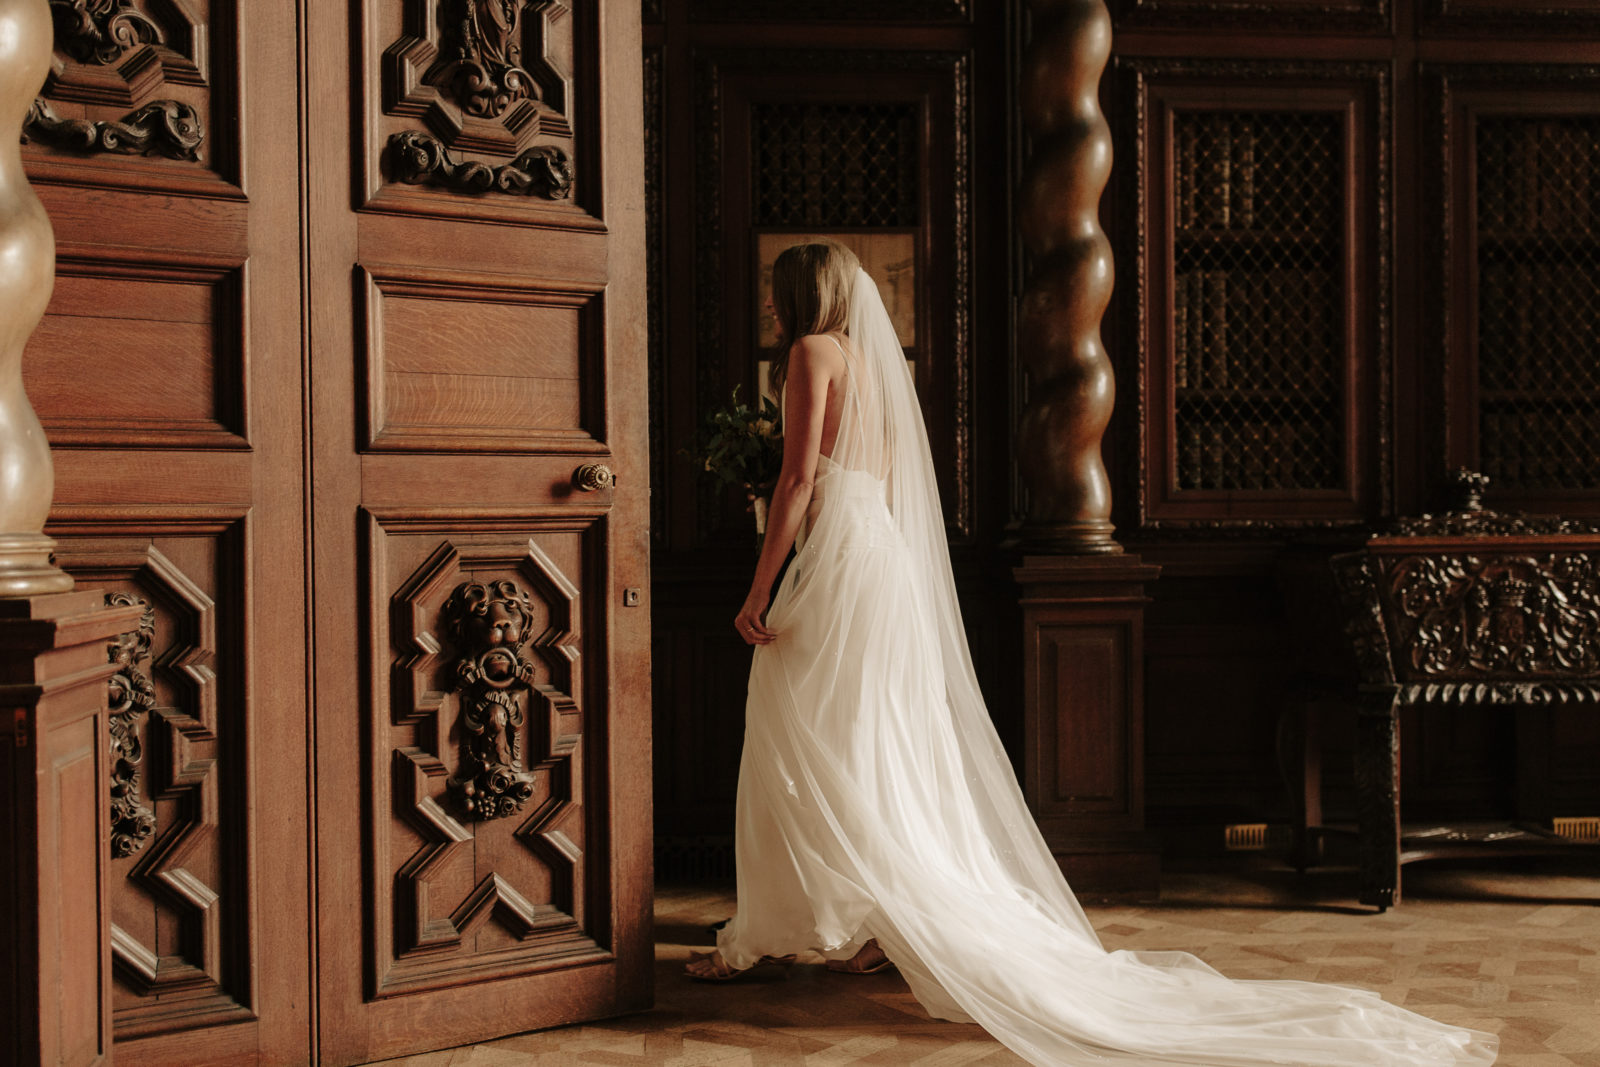 Custom Wedding Veil - Elu Designs Veil